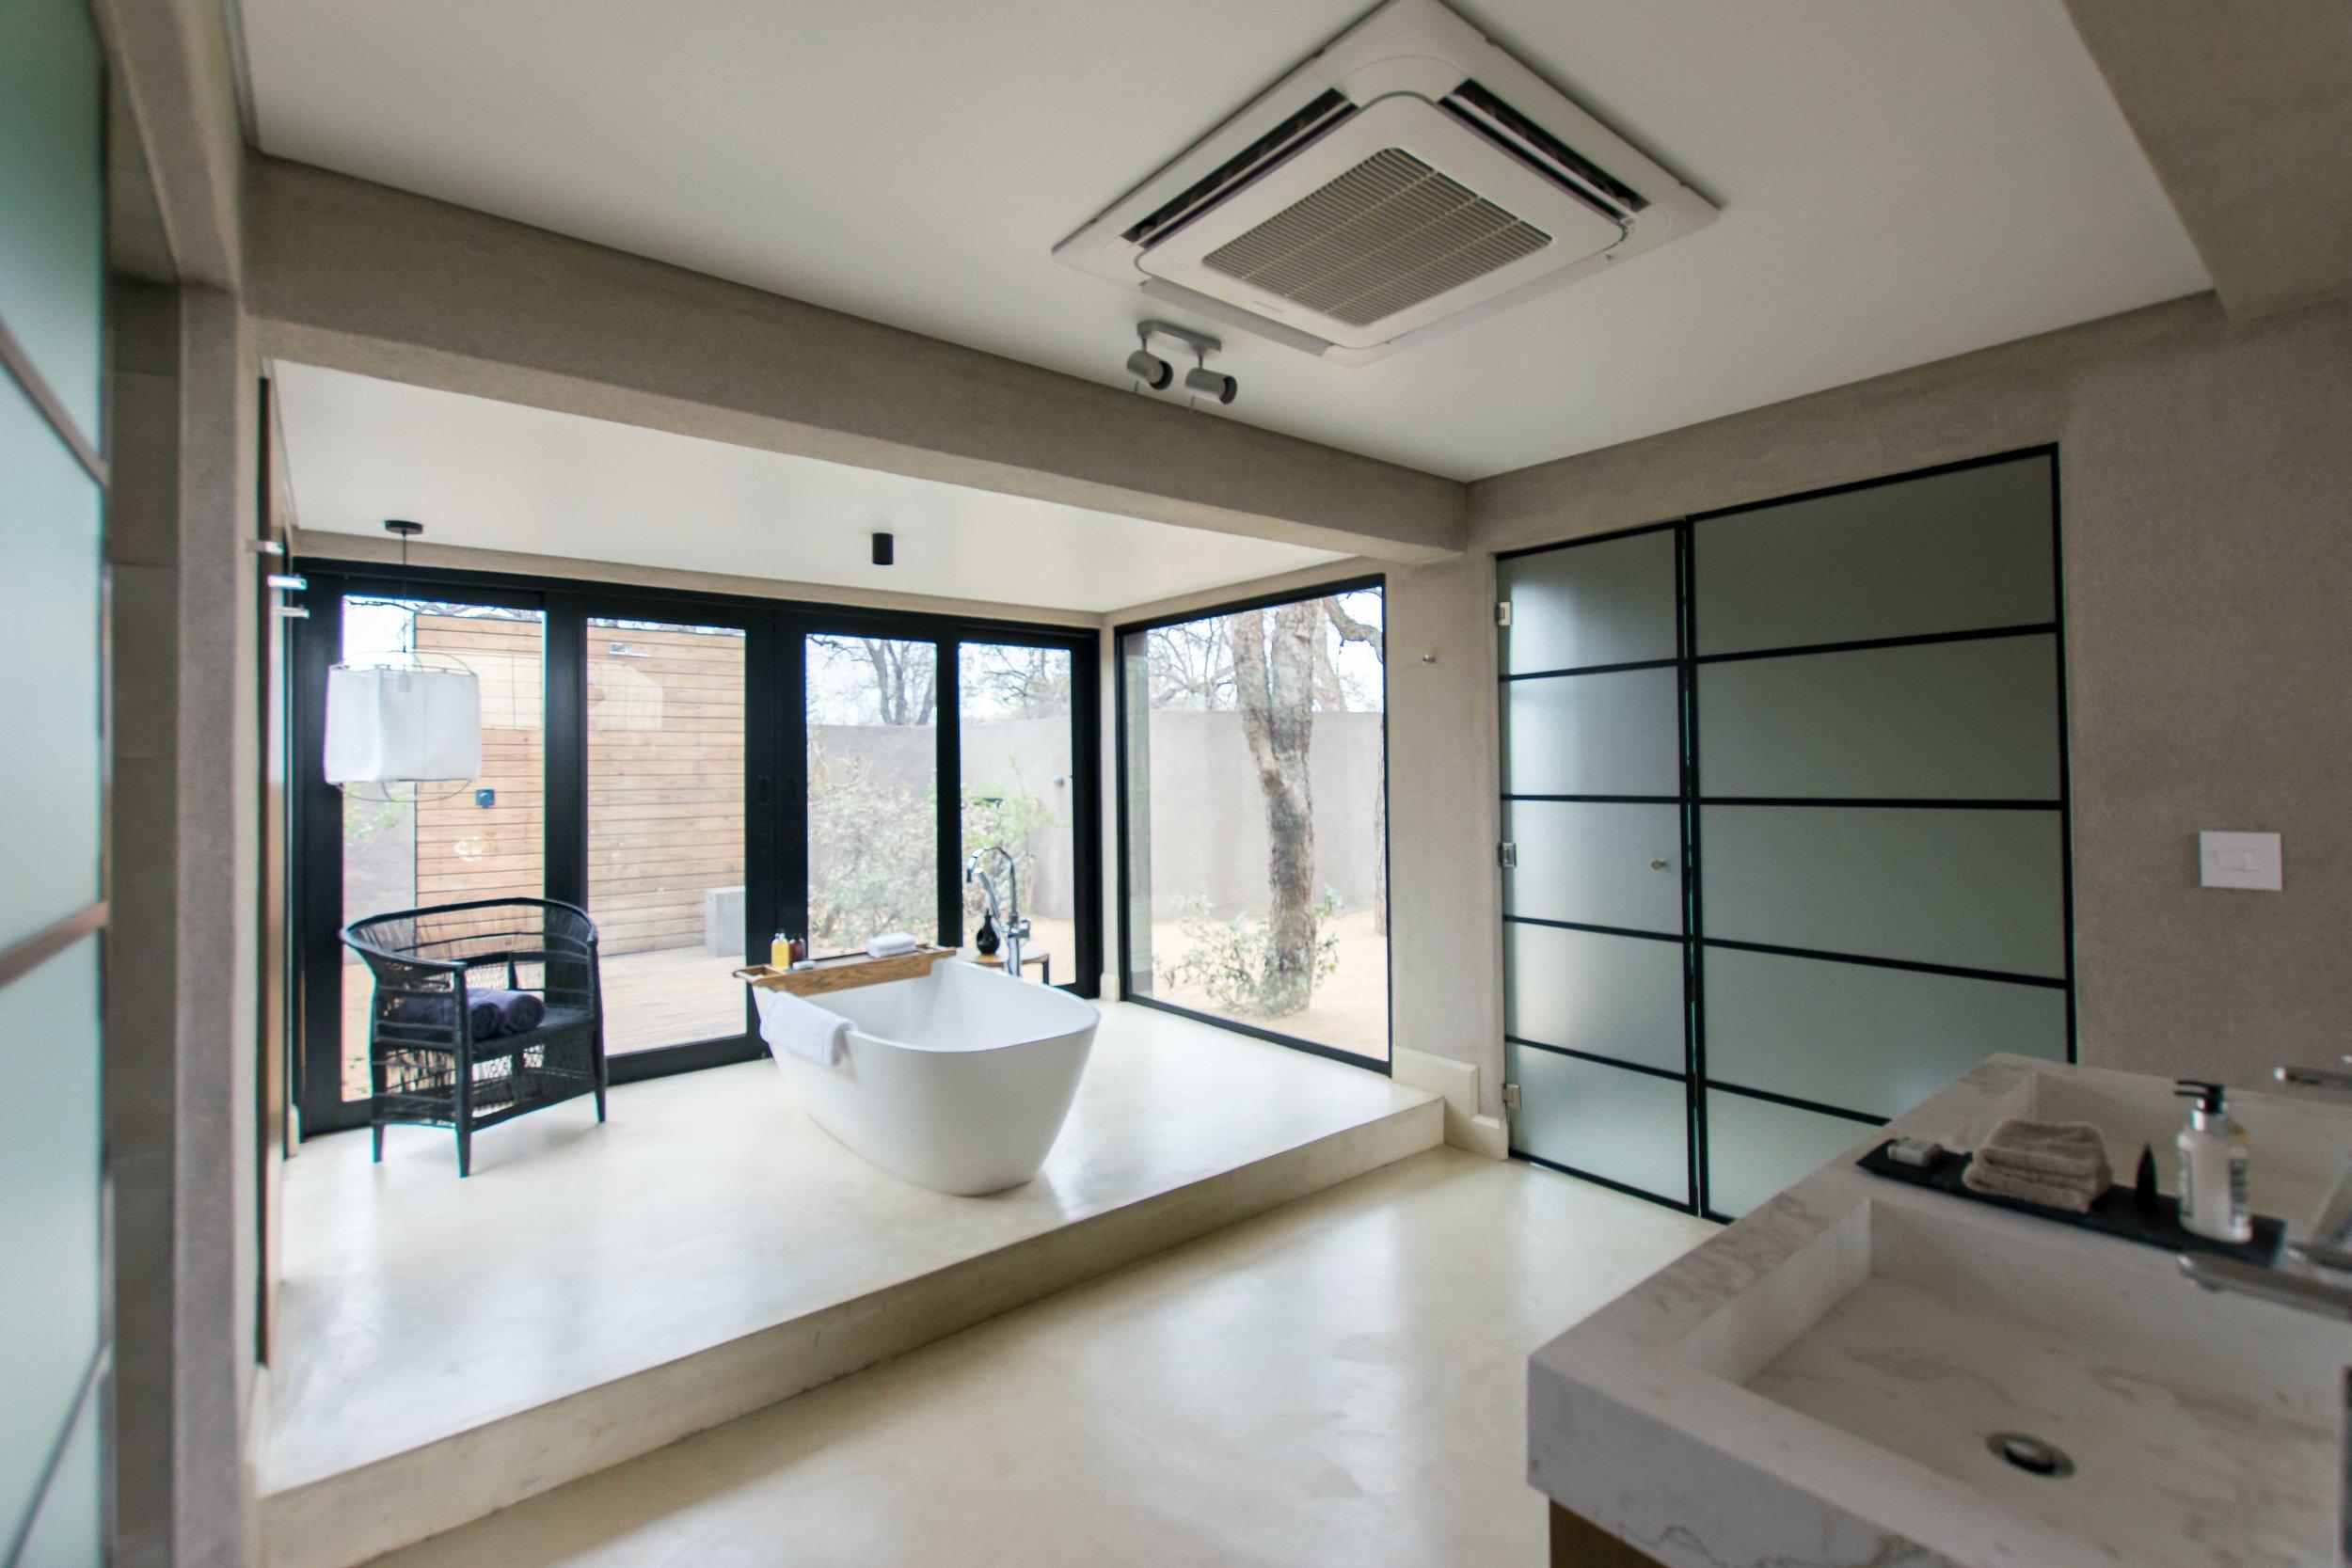 Bathroom at Lion Sands Ivory Lodge